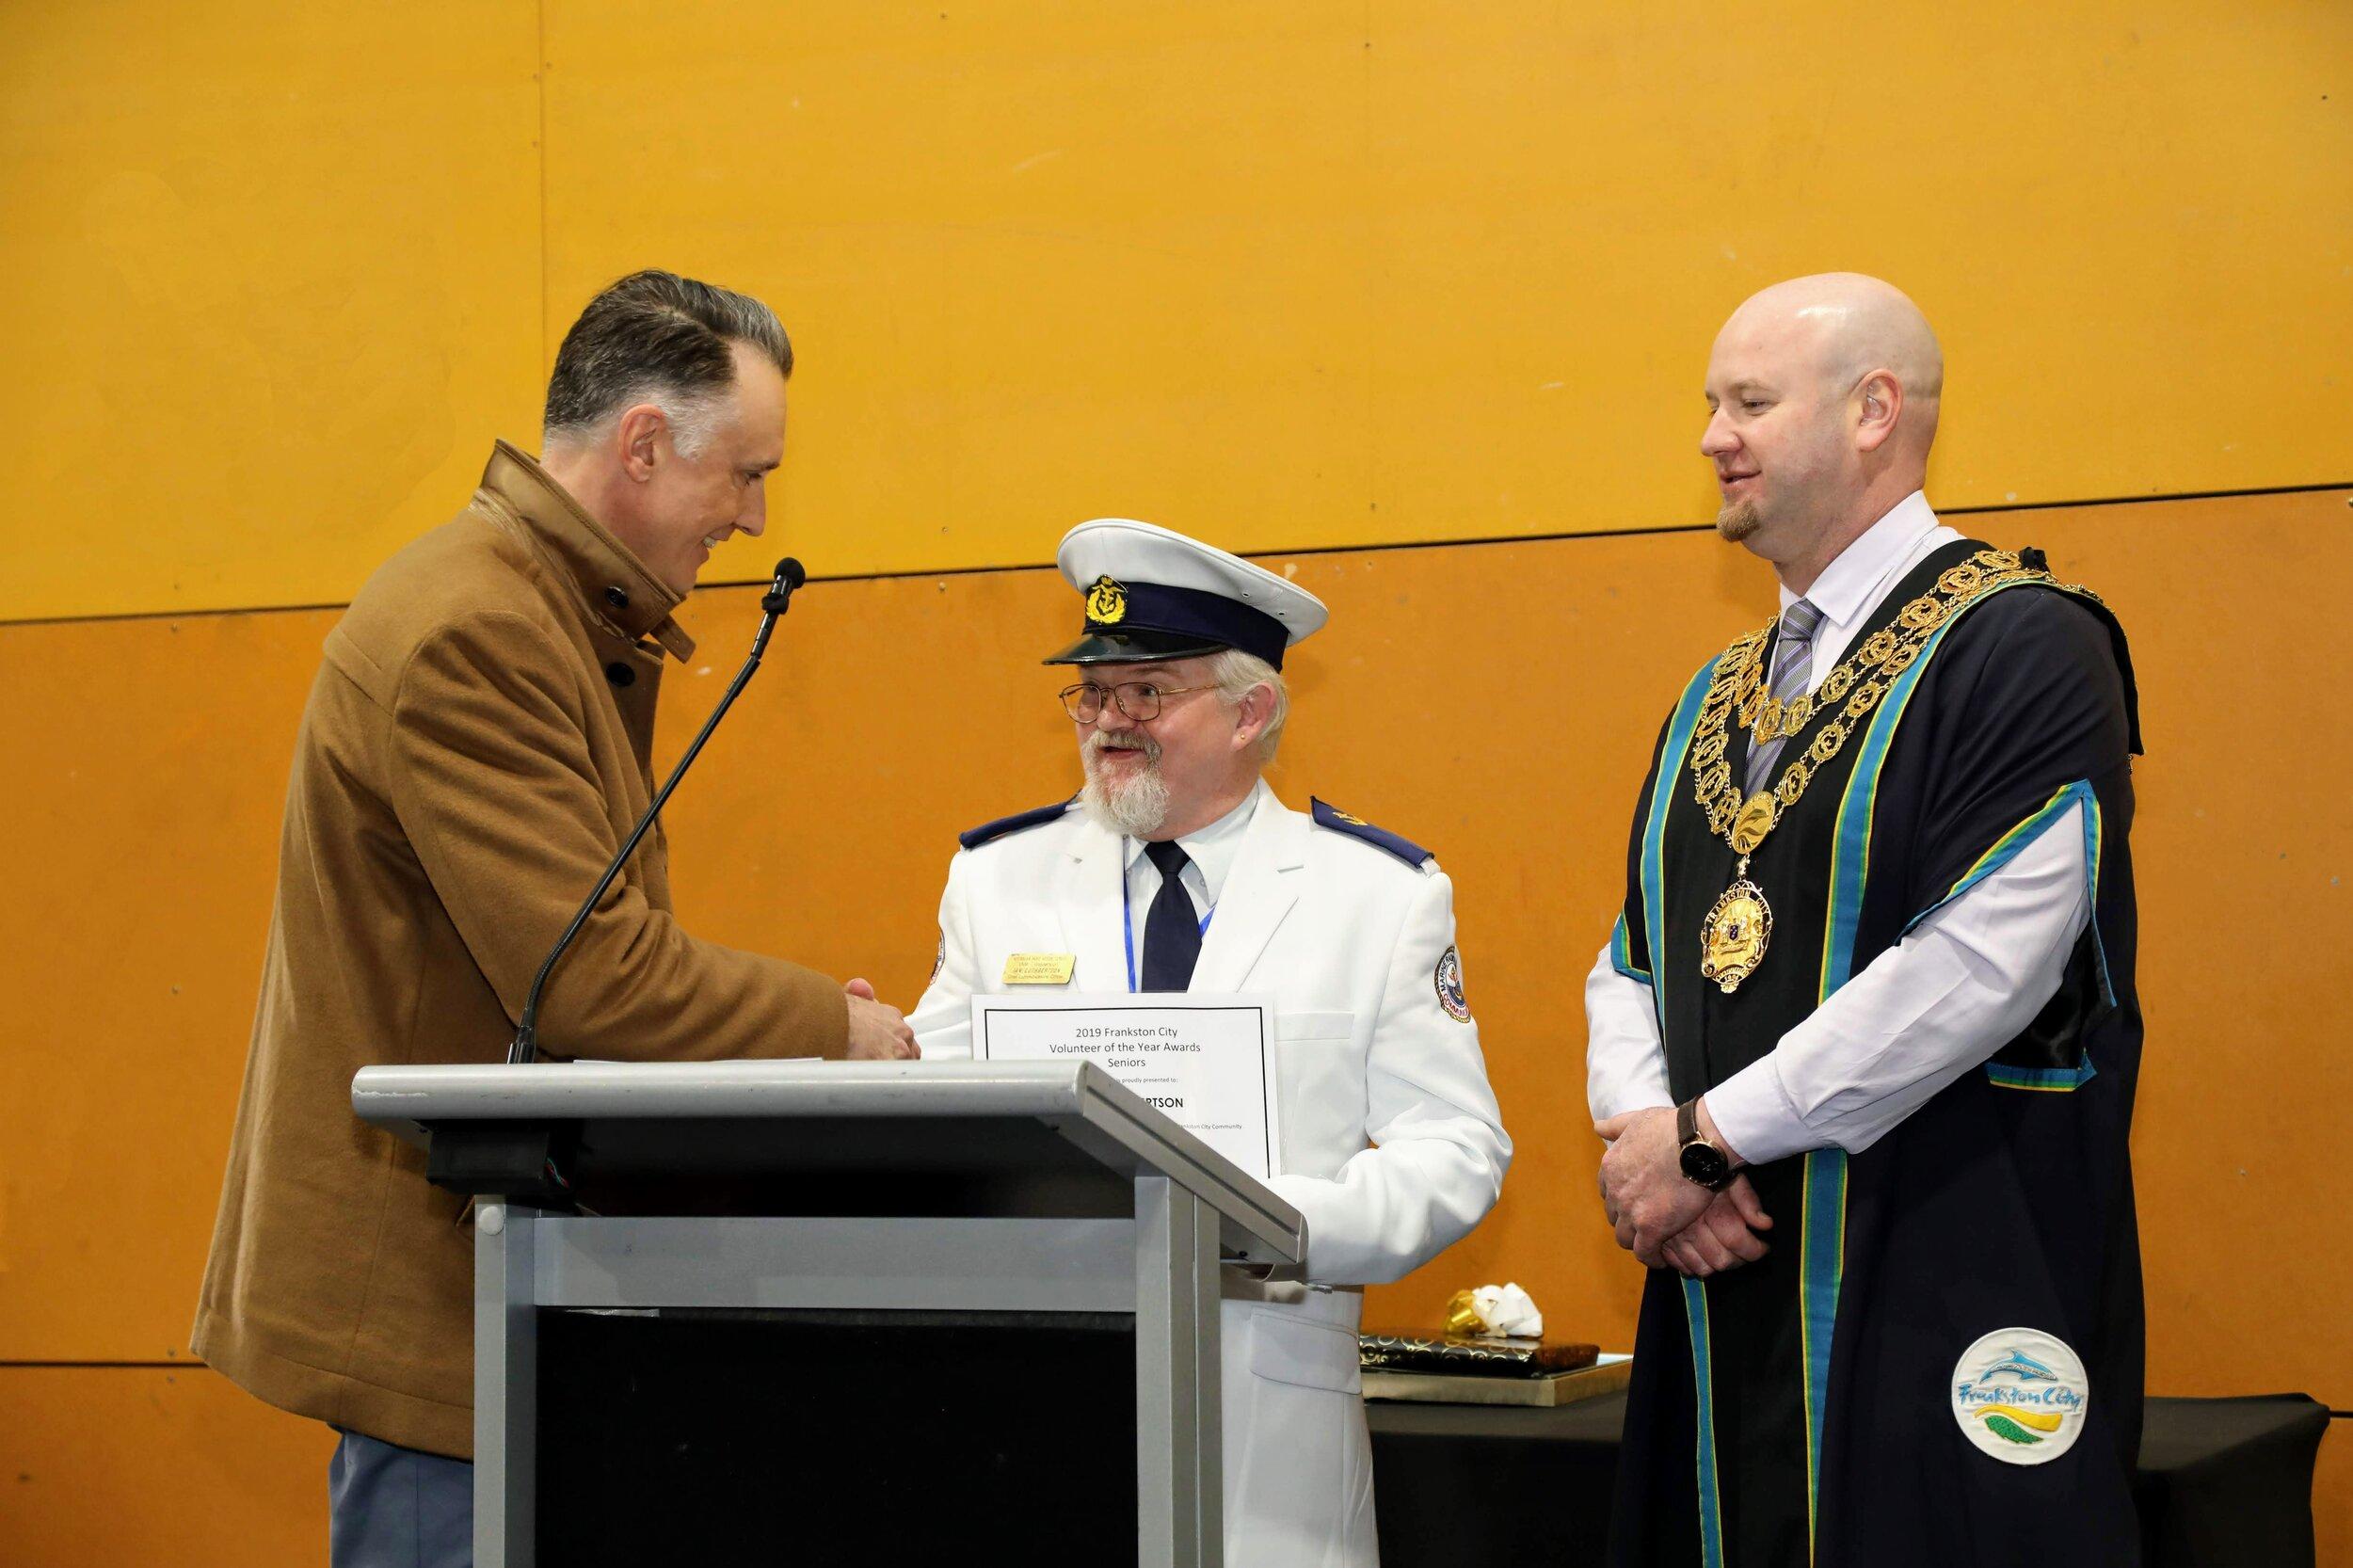 MayorsAwards2019_122.jpg